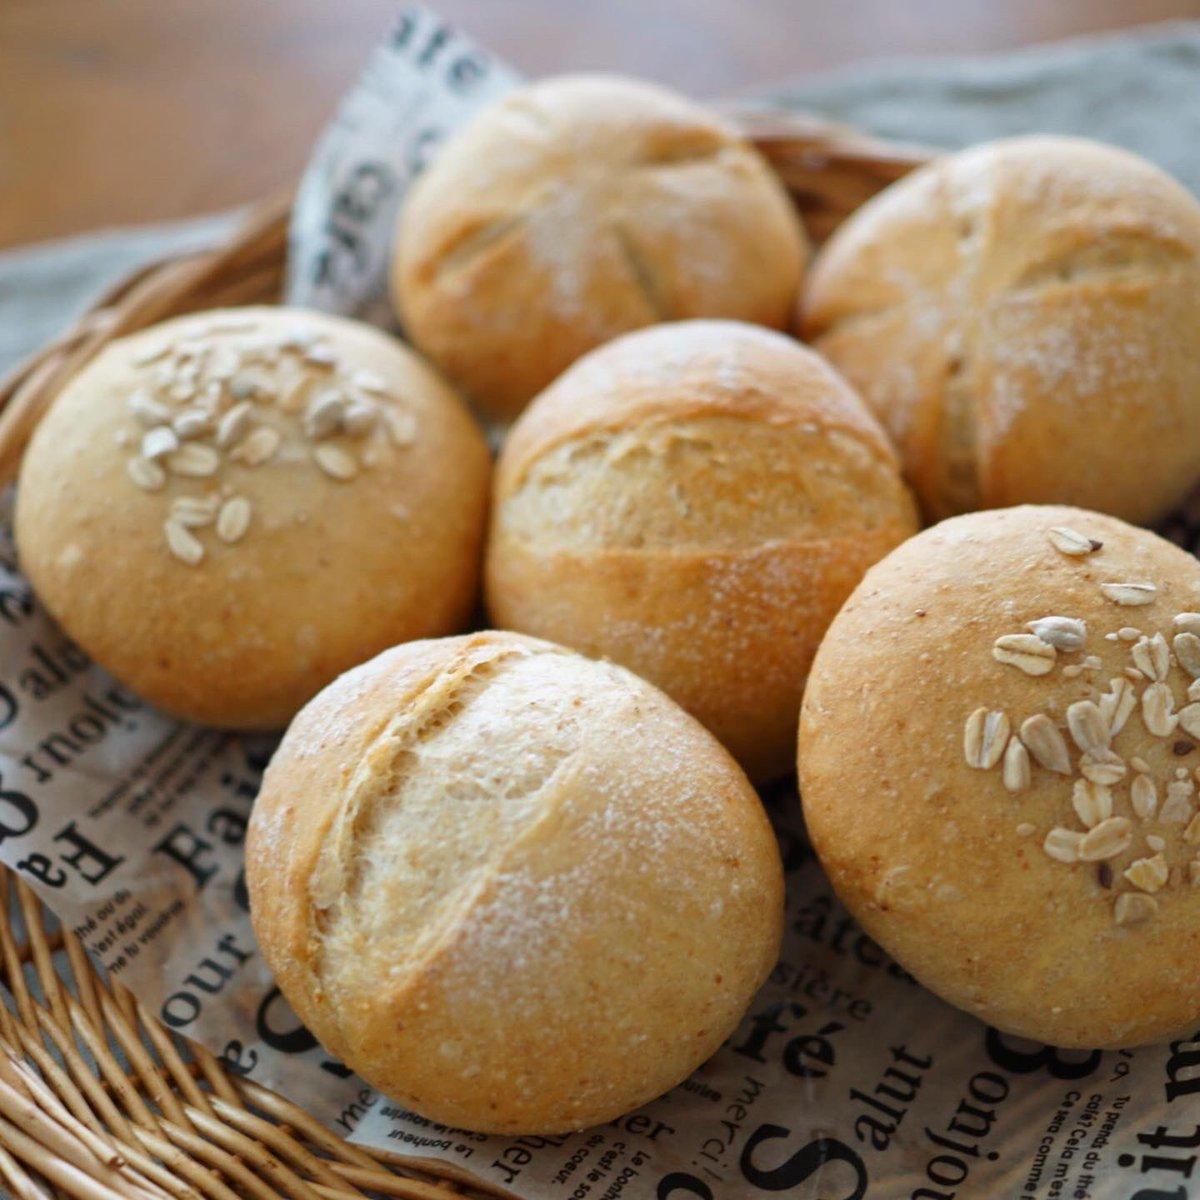 おはようございます✨今朝は全粒粉とライ麦のプチパンを焼きました☺️主人のダイエットも三日め。ちょっとしまってきたんじゃない?とでも言ってあげる頃合です。#パン作り #手作りパン